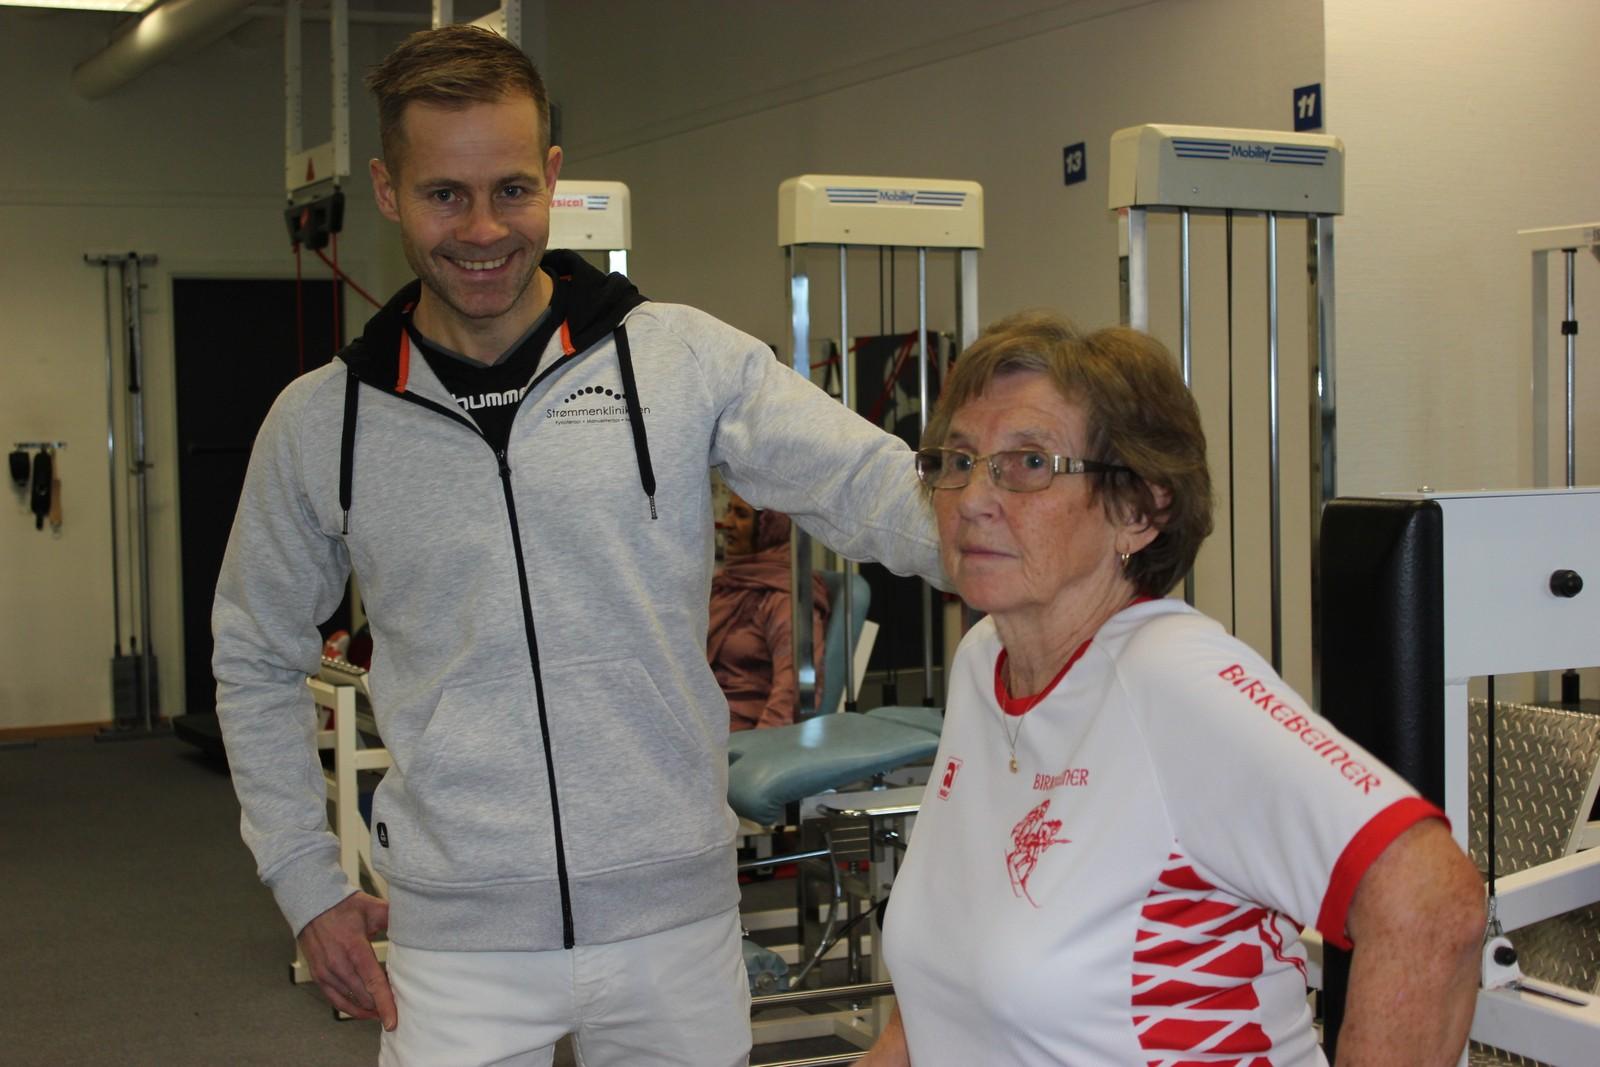 BAGADA: Fysioterapevta Jon Olsen čuovvu mielde ahte hárjehallaba rivttes láhkai.